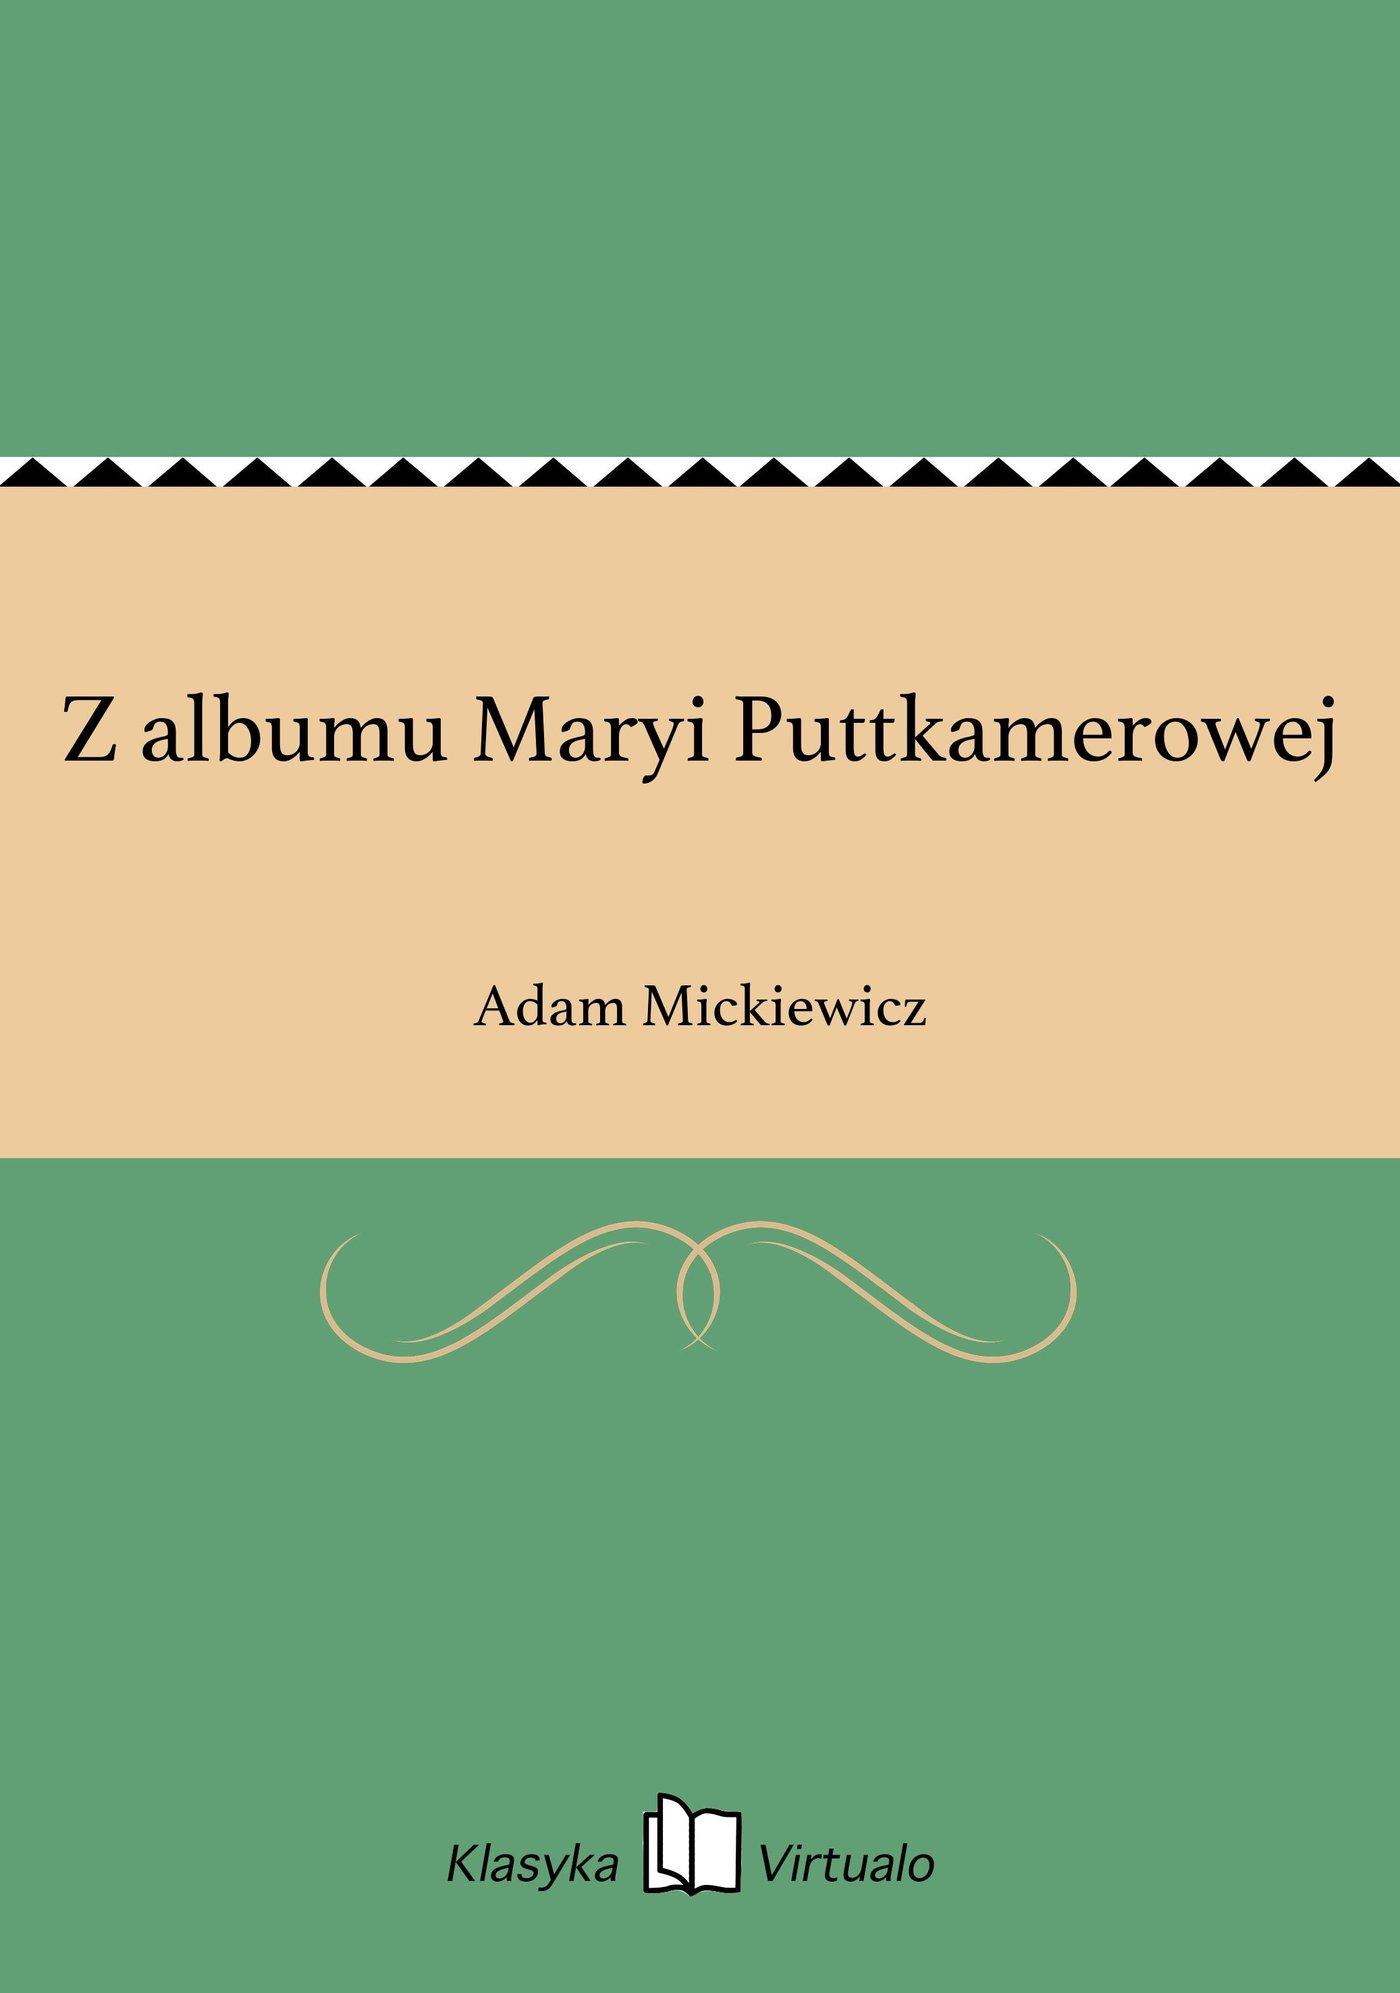 Z albumu Maryi Puttkamerowej - Ebook (Książka EPUB) do pobrania w formacie EPUB